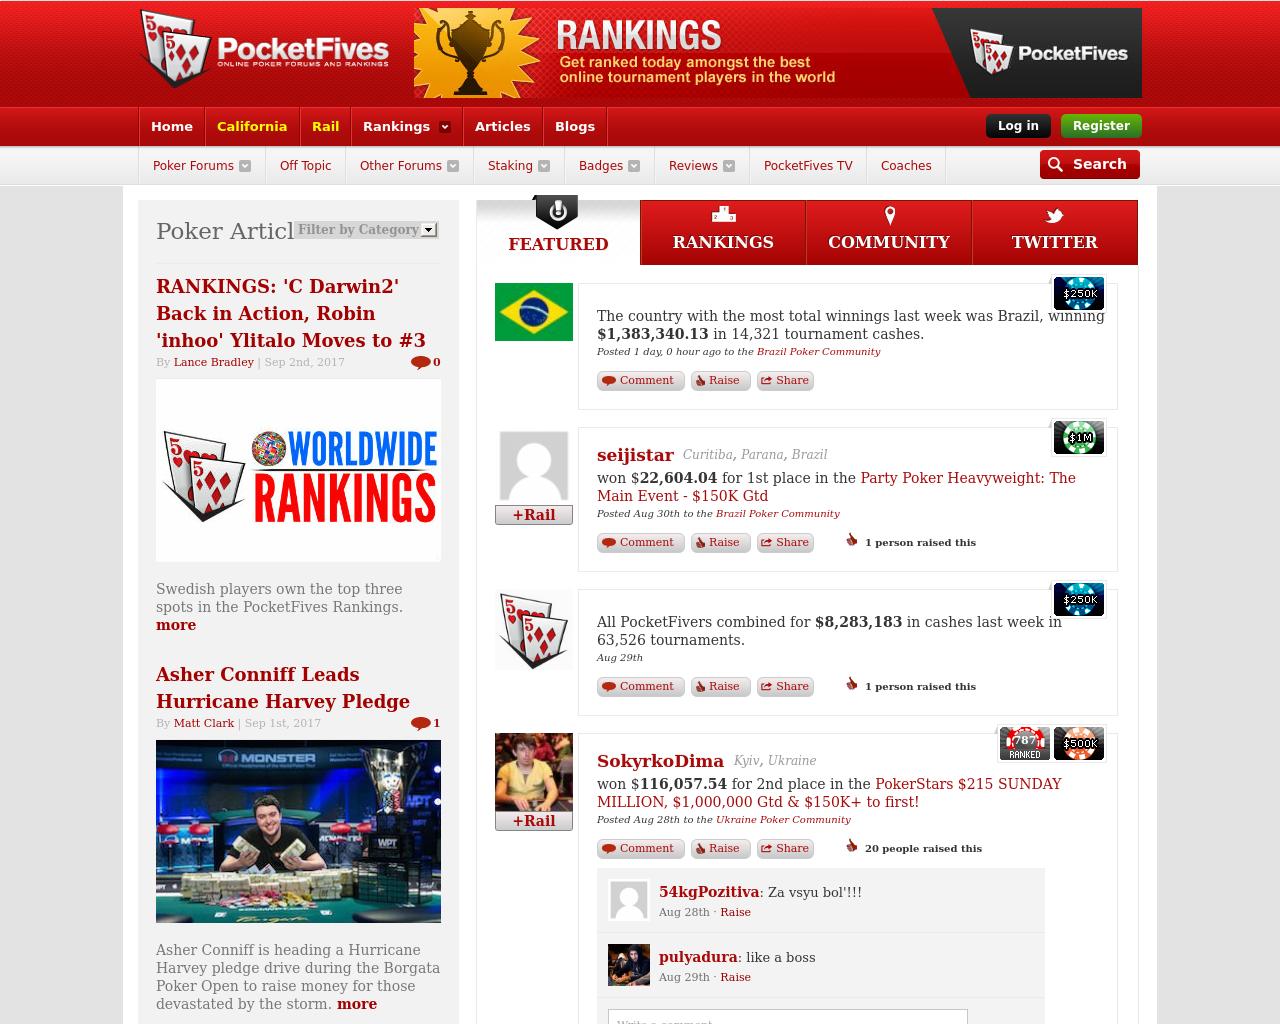 PocketFives-Advertising-Reviews-Pricing